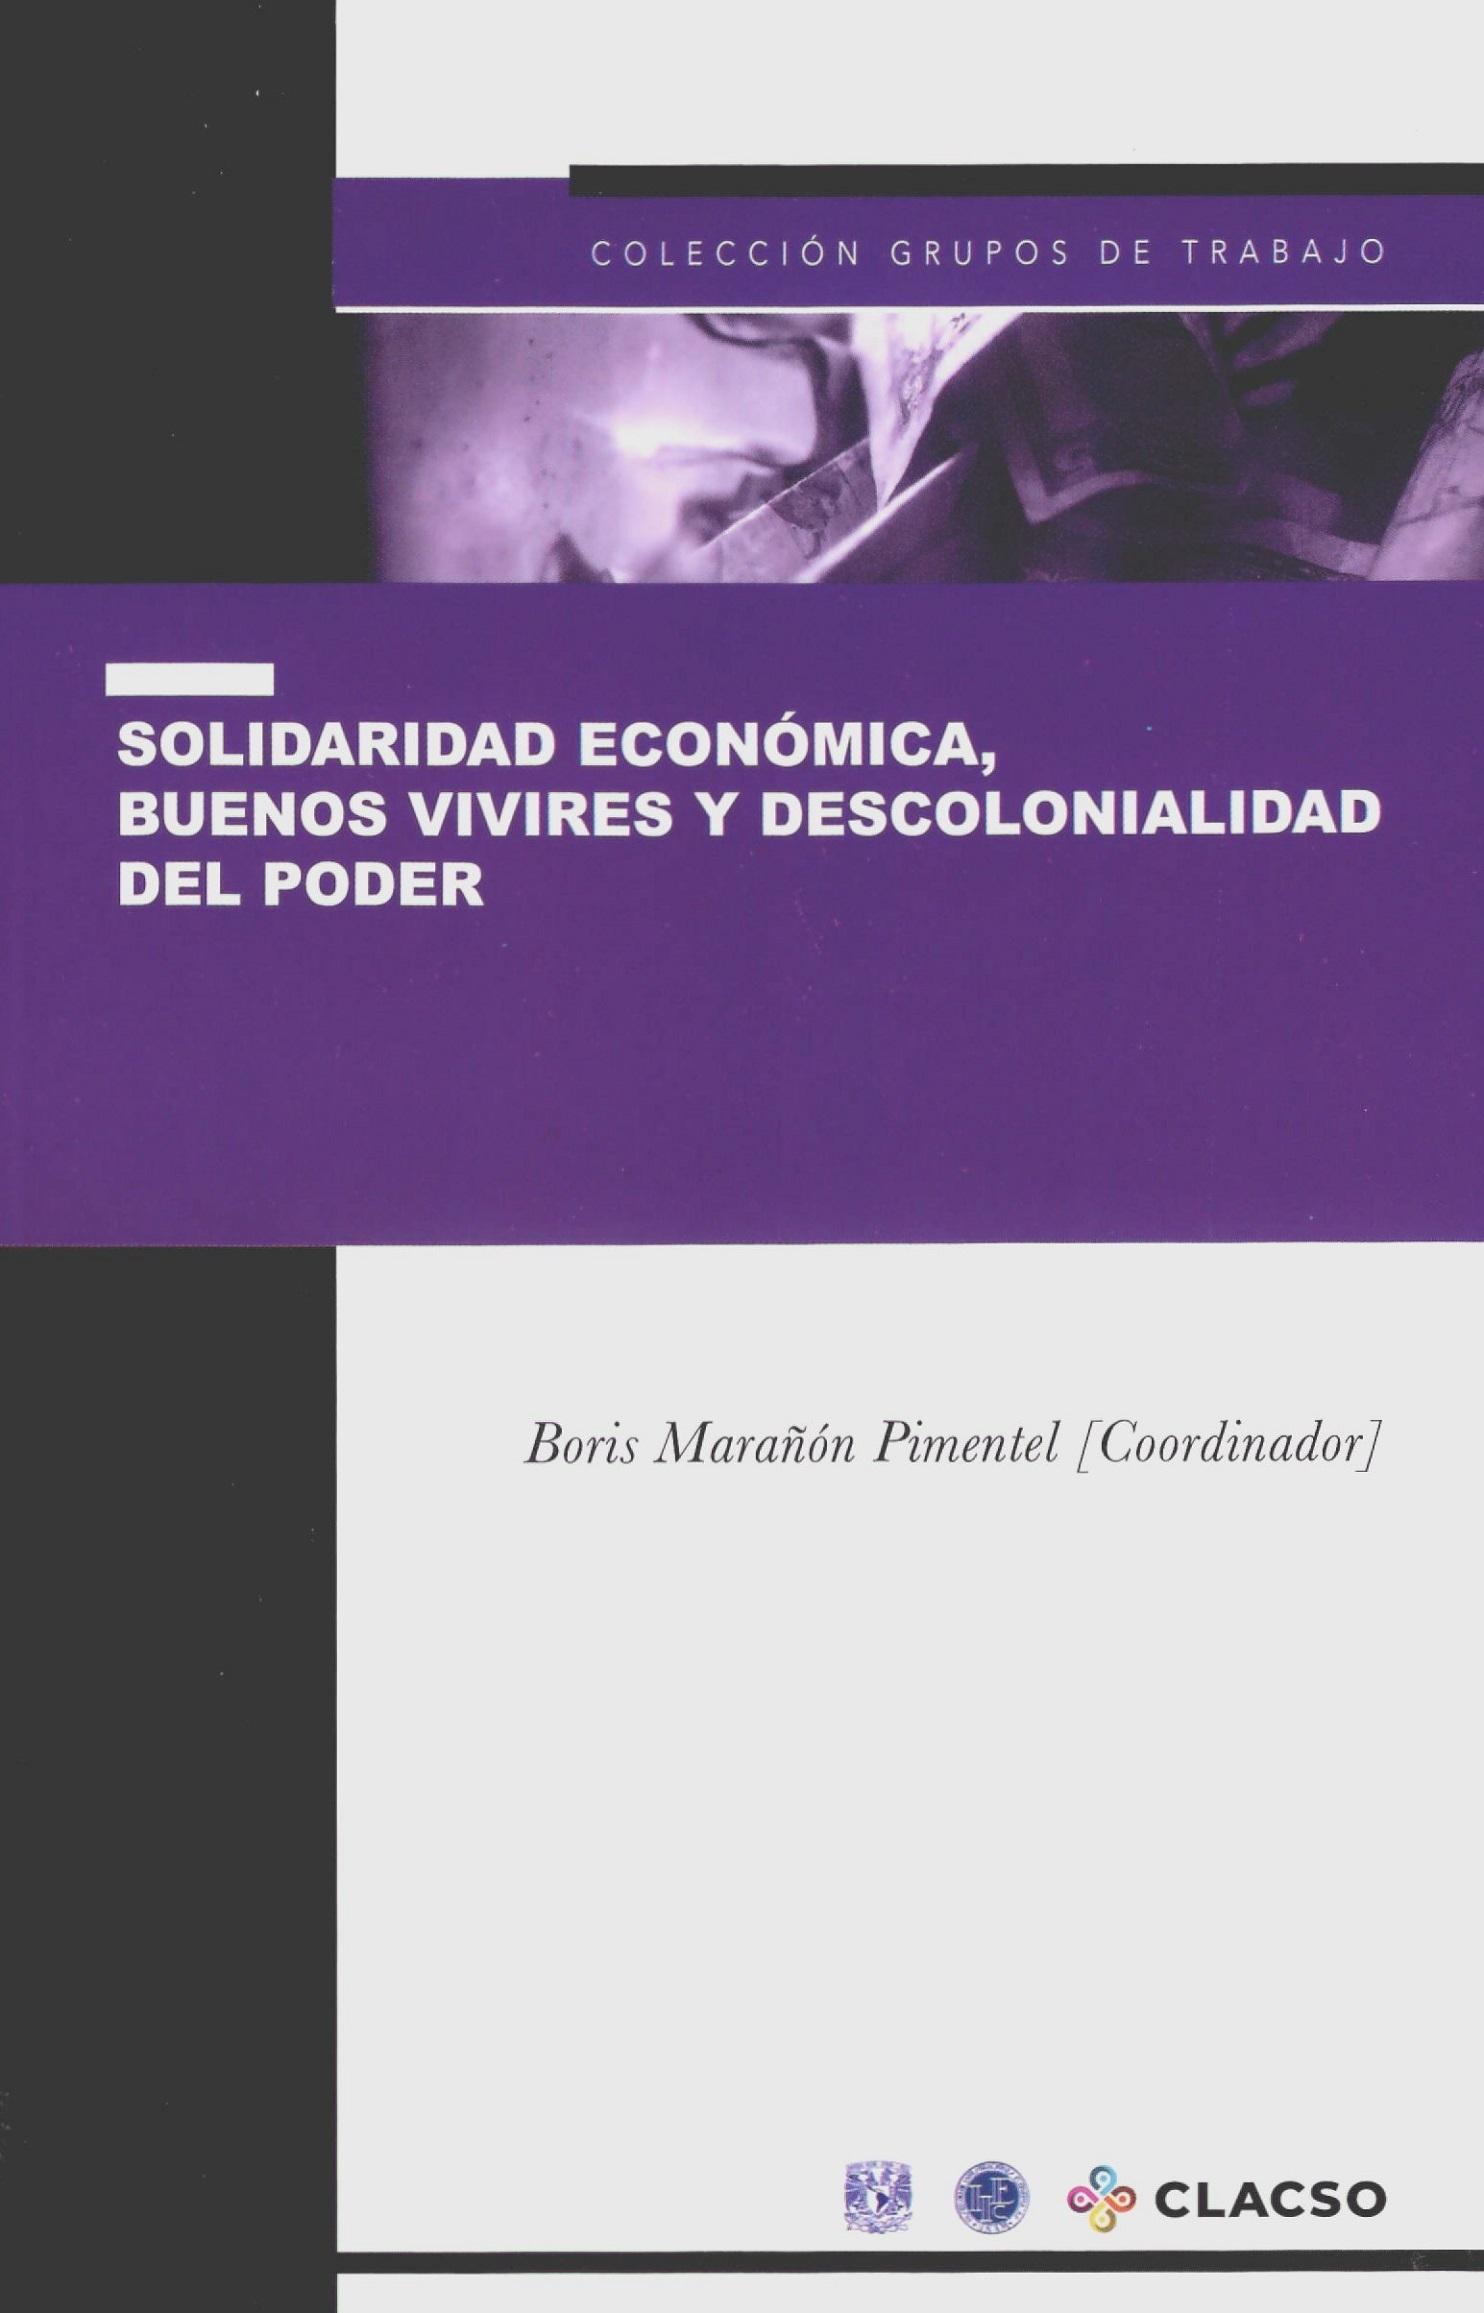 Solidaridad económica, buenos vivires y descolonialidad del poder